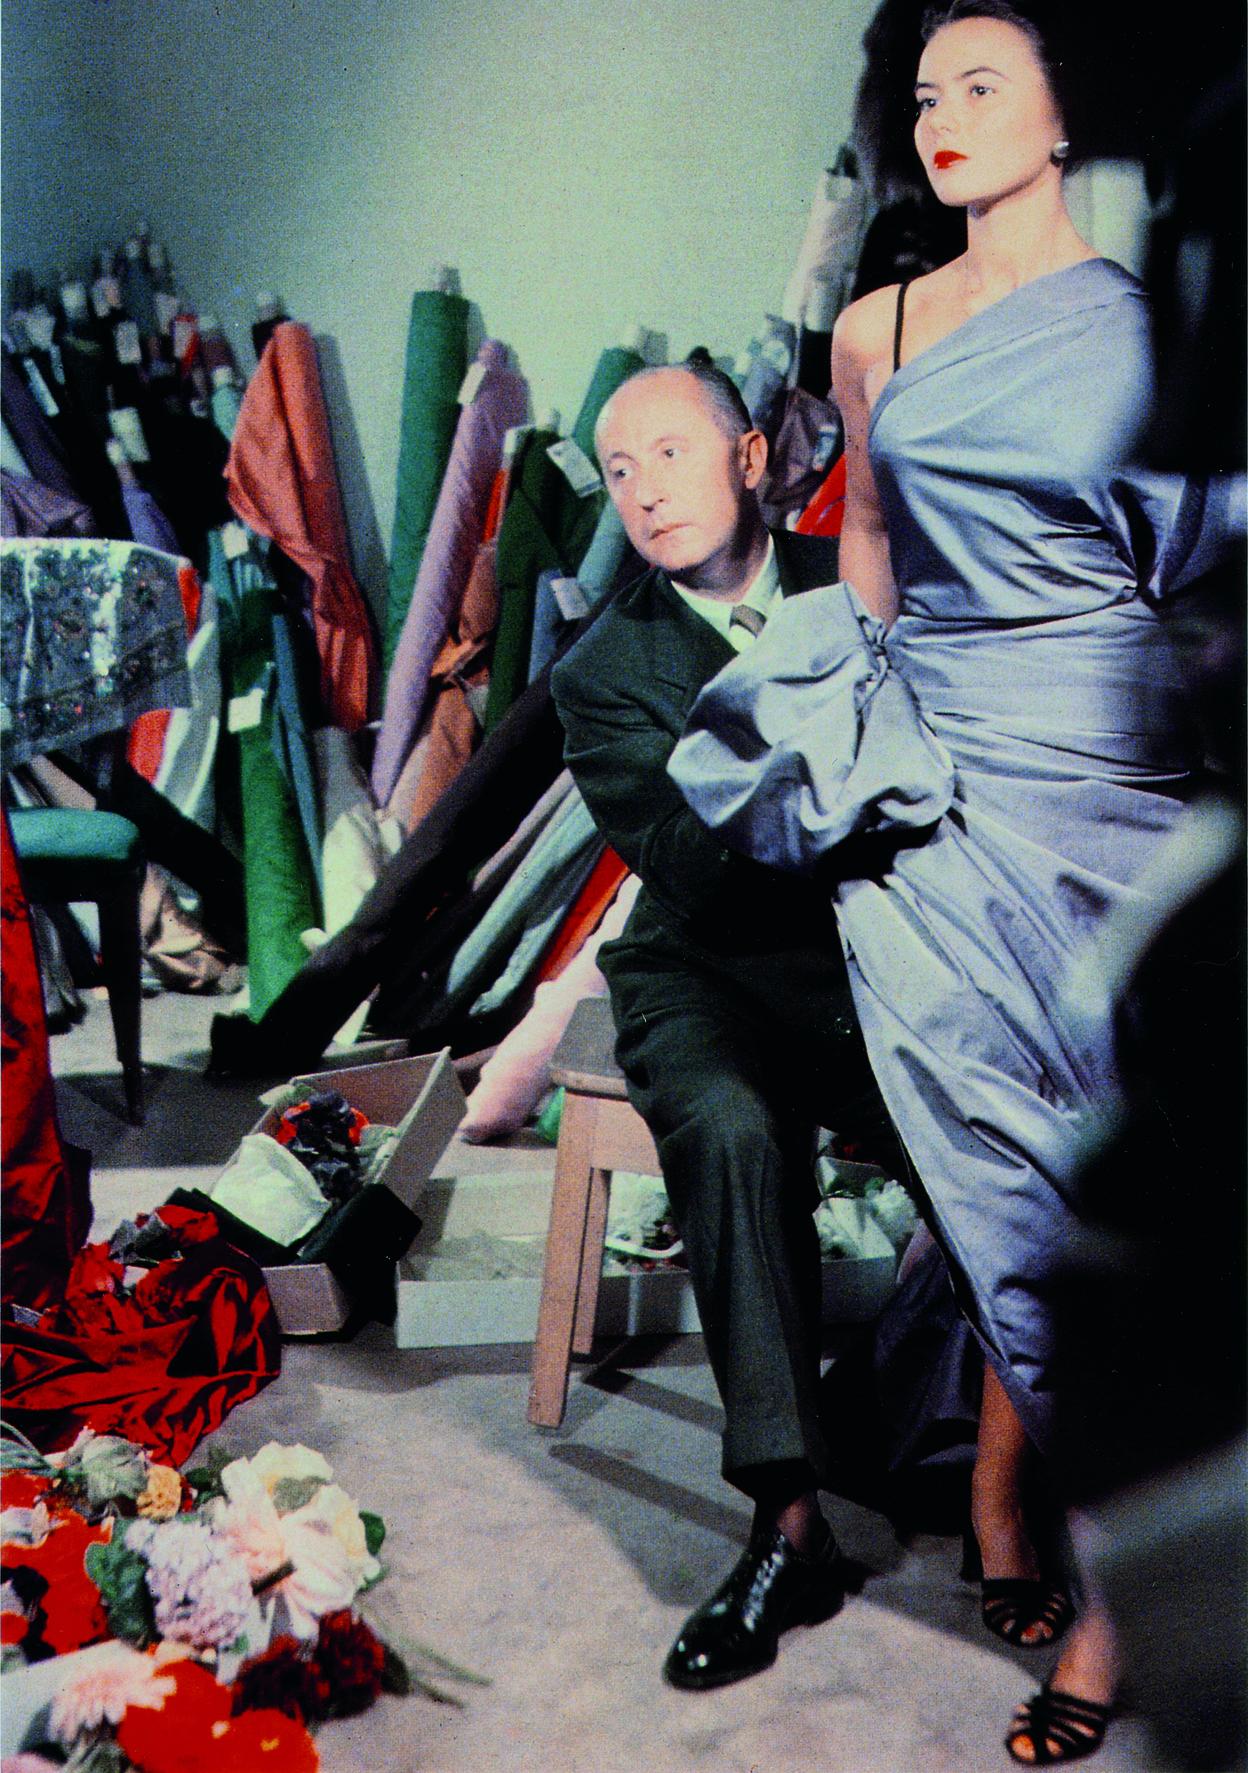 Ο Κριστιάν Ντιόρ με το μοντέλο Σιλβί στο ατελιέ του, το 1948